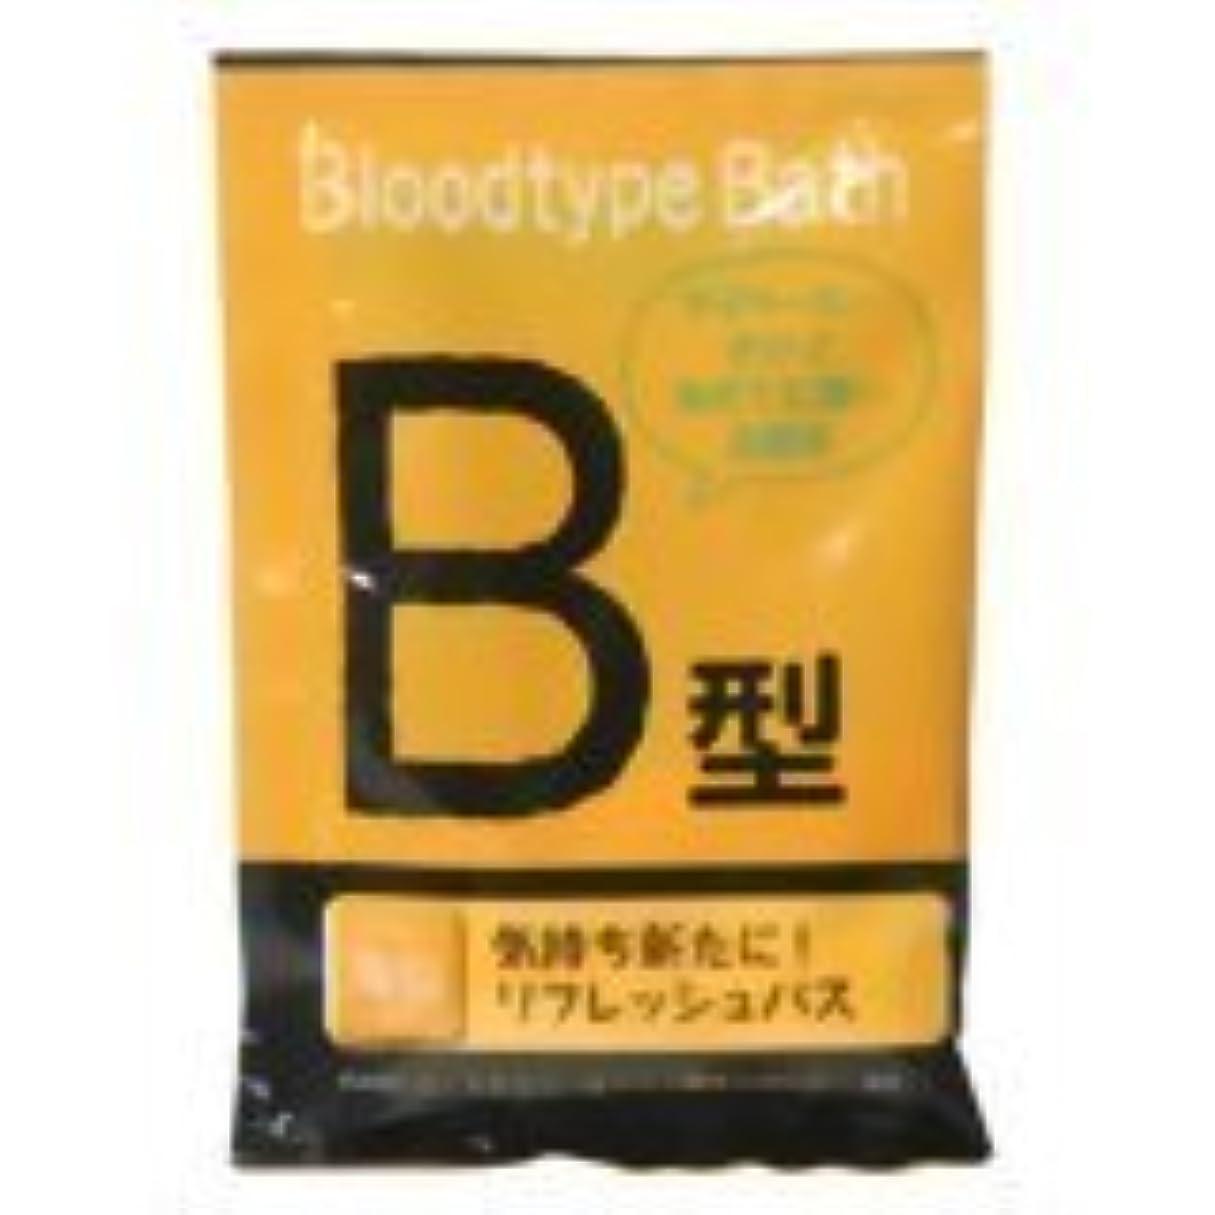 経験者委員会開始紀陽除虫菊 ブラッドタイプバス B【まとめ買い12個セット】 N-8251